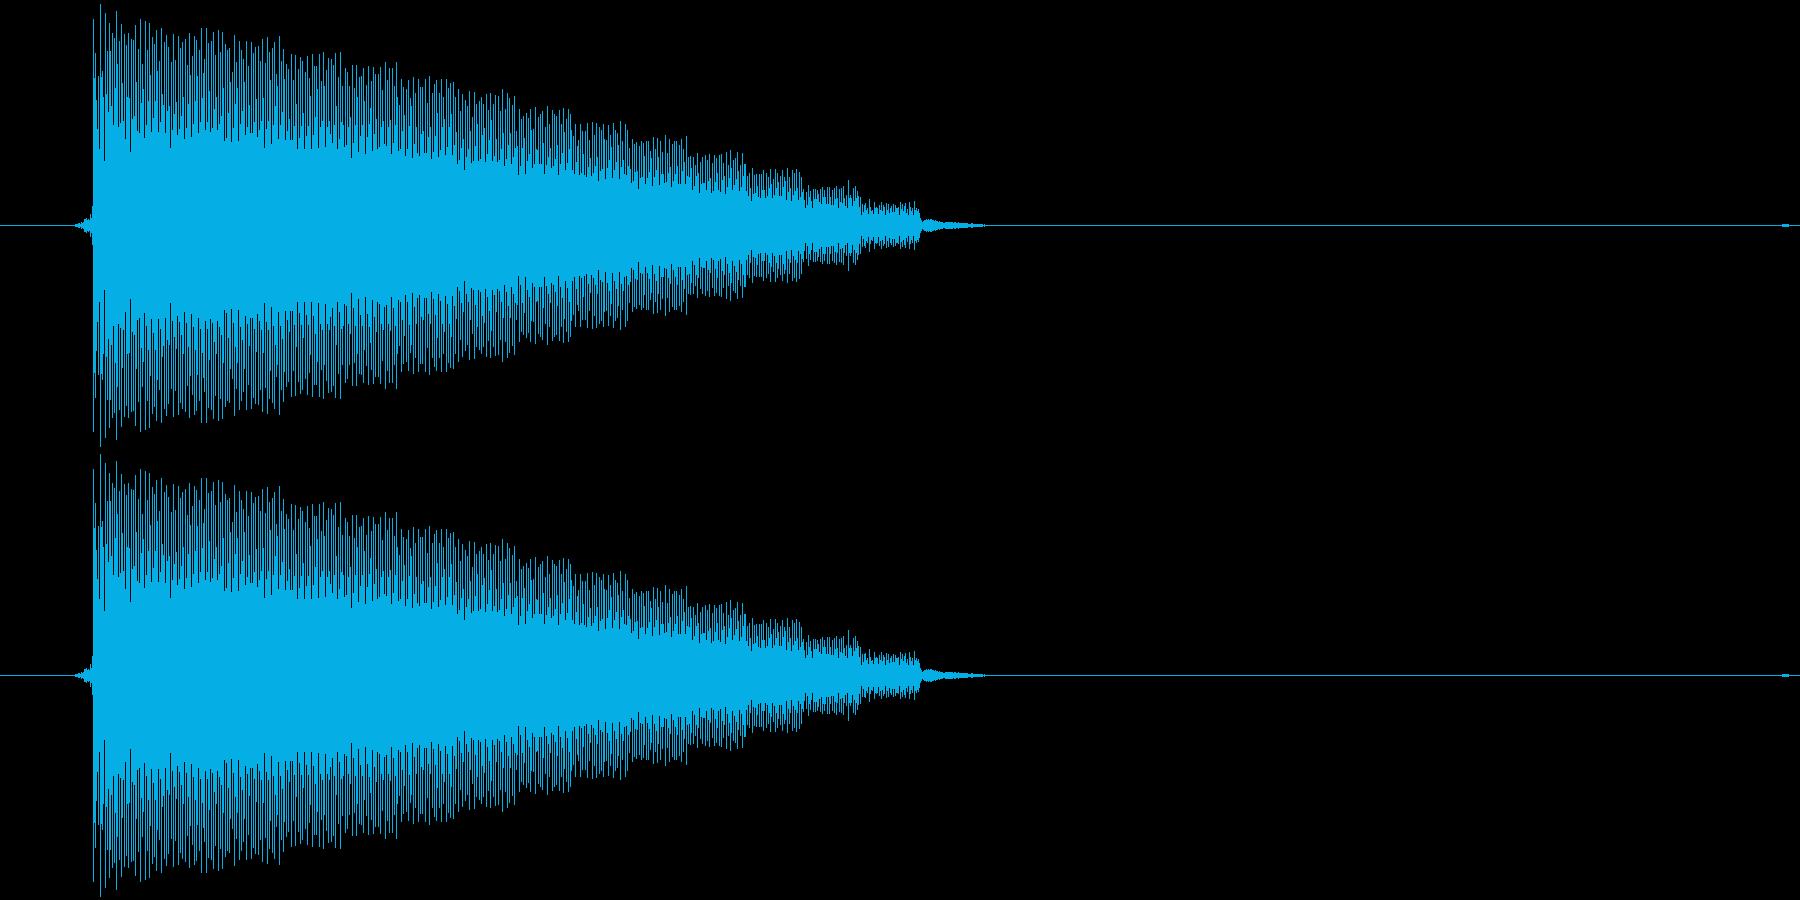 【チップチューン/ボタン/ゲームボーイ】の再生済みの波形